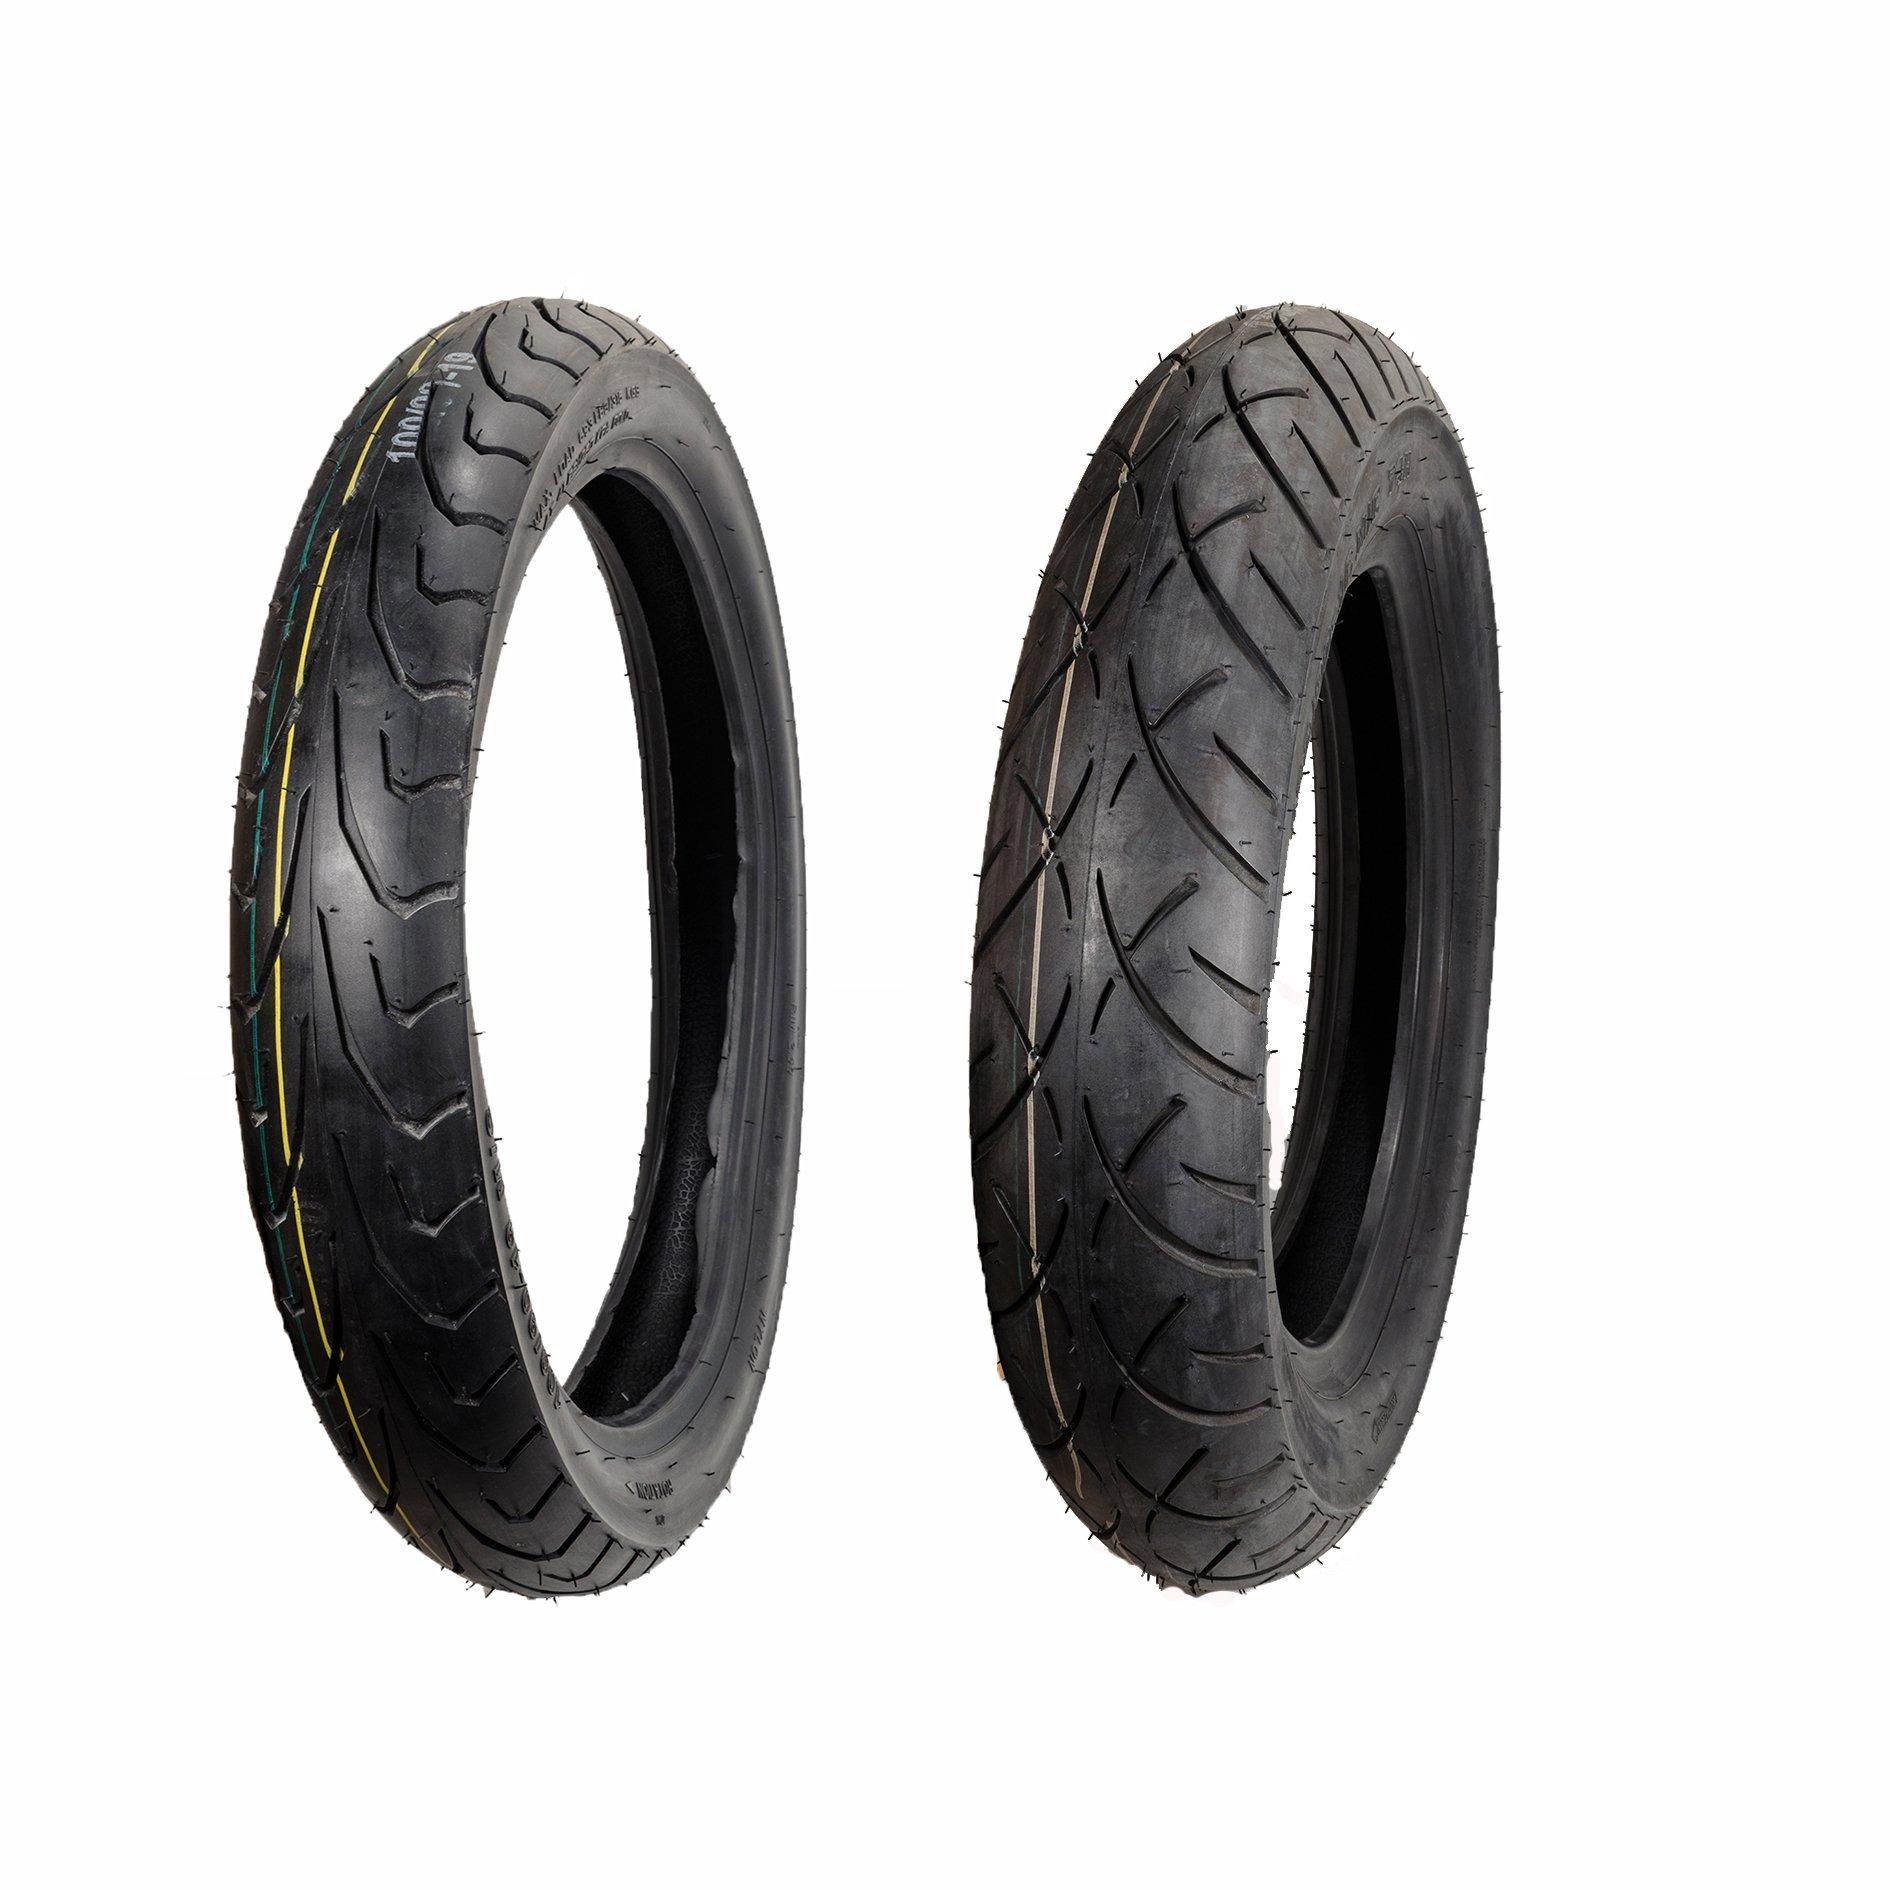 Max Motosports Moto Tire 100/90-19 Front & 130/90-16 Rear 6 PLY